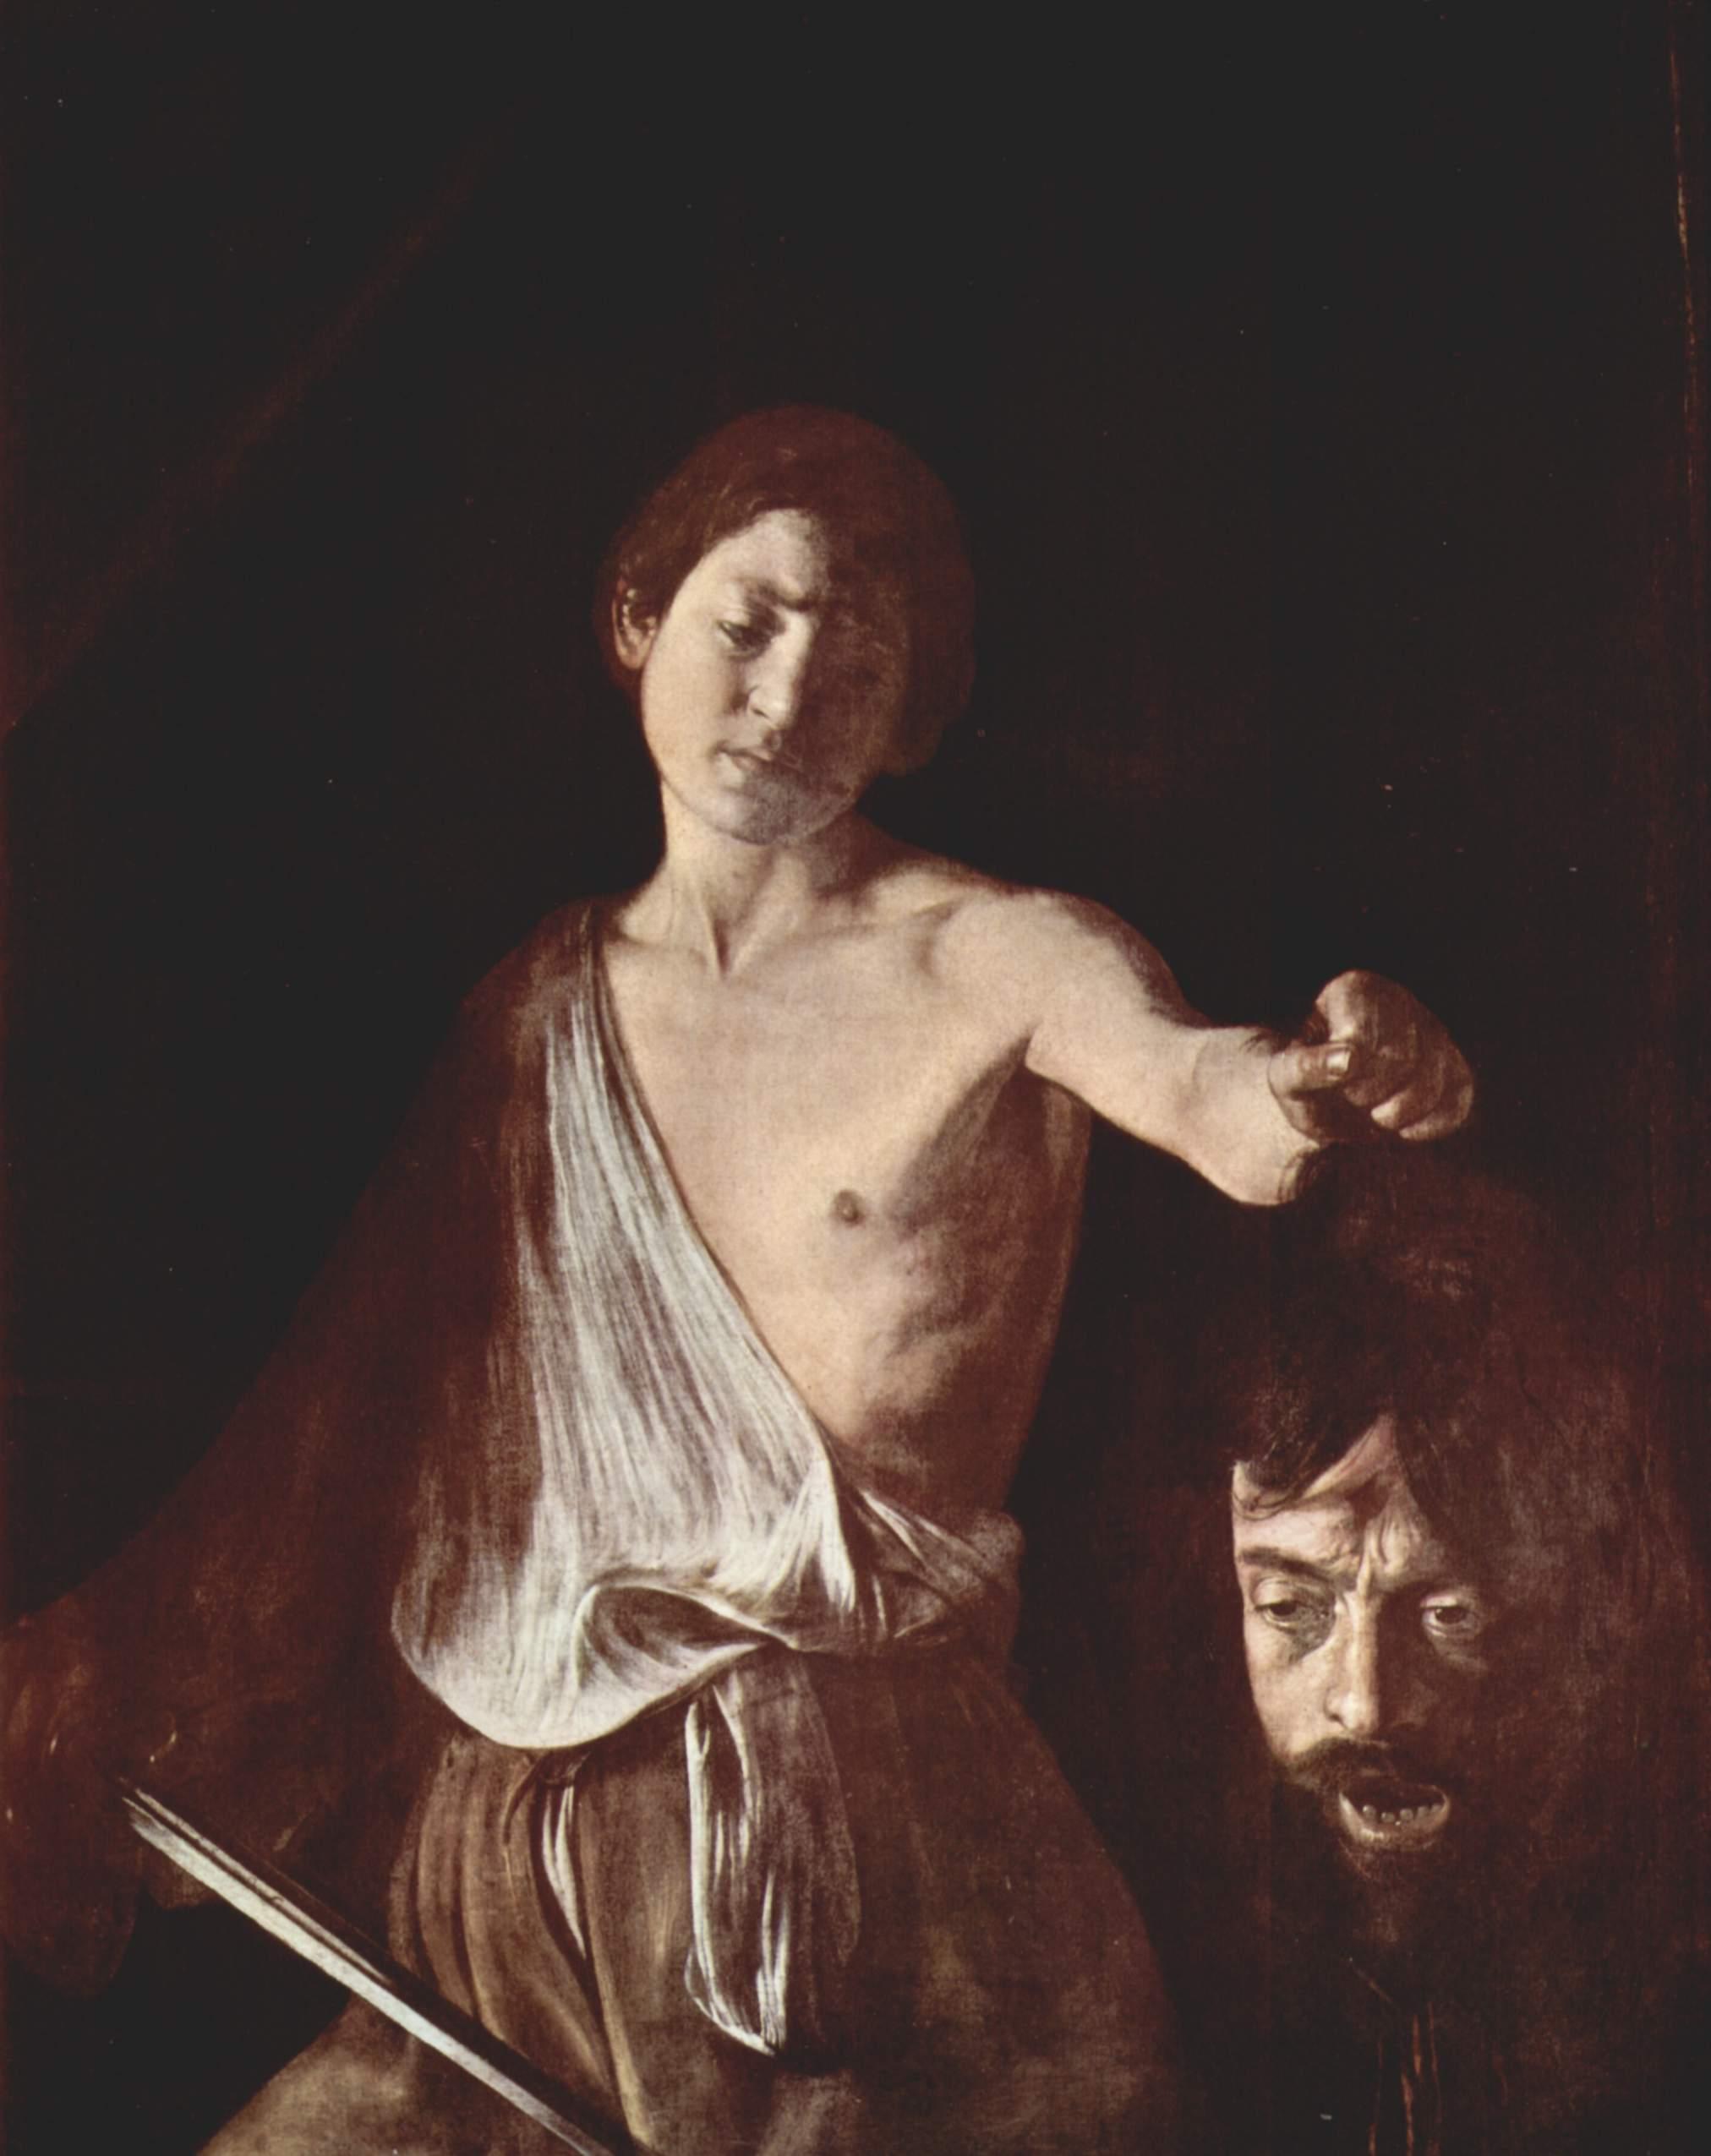 Galería Borghese, David Goliat Caravaggio